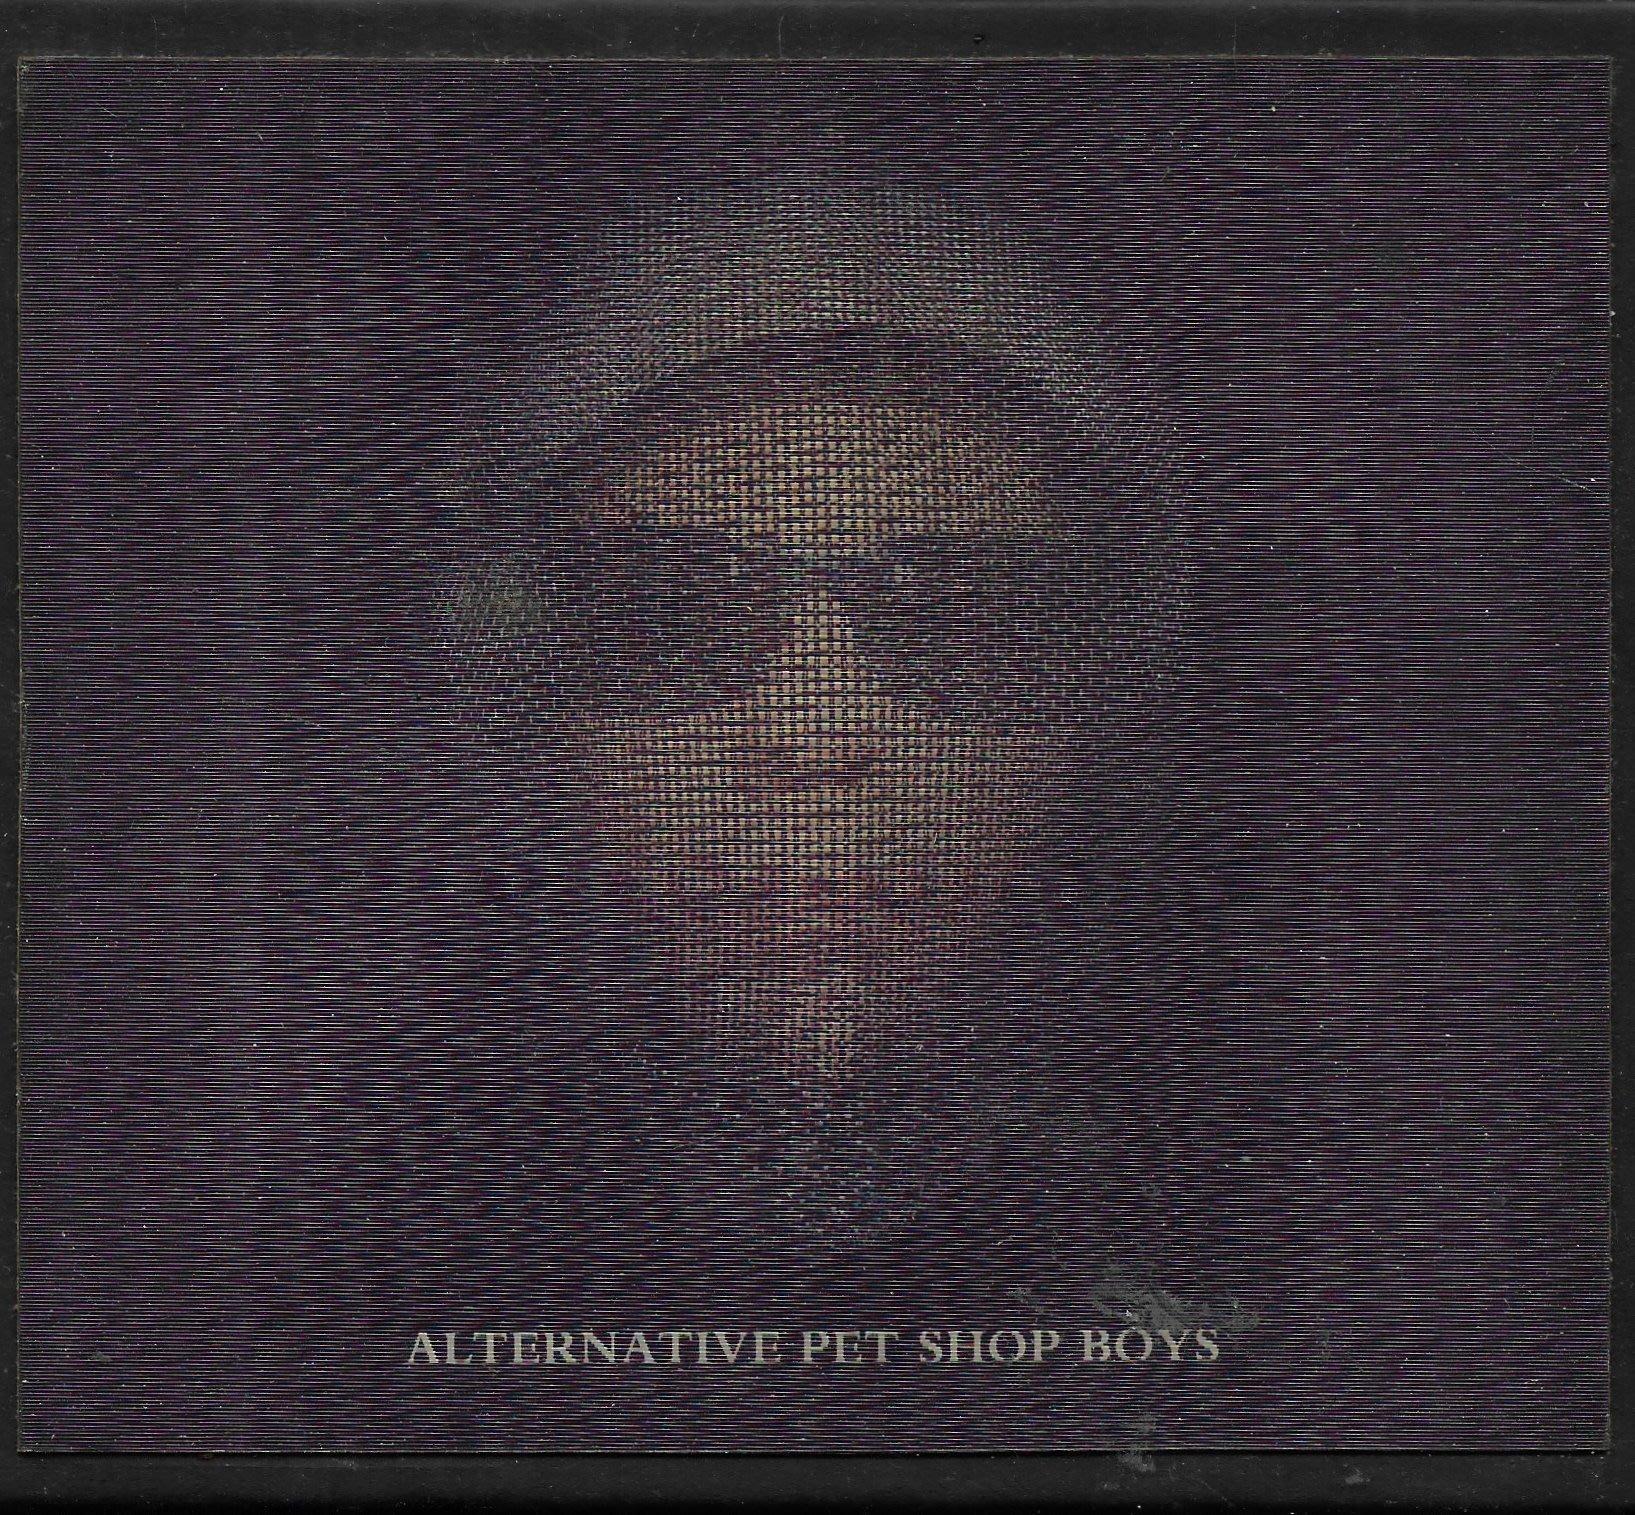 寵物店男孩Pet Shop Boys / Alternative